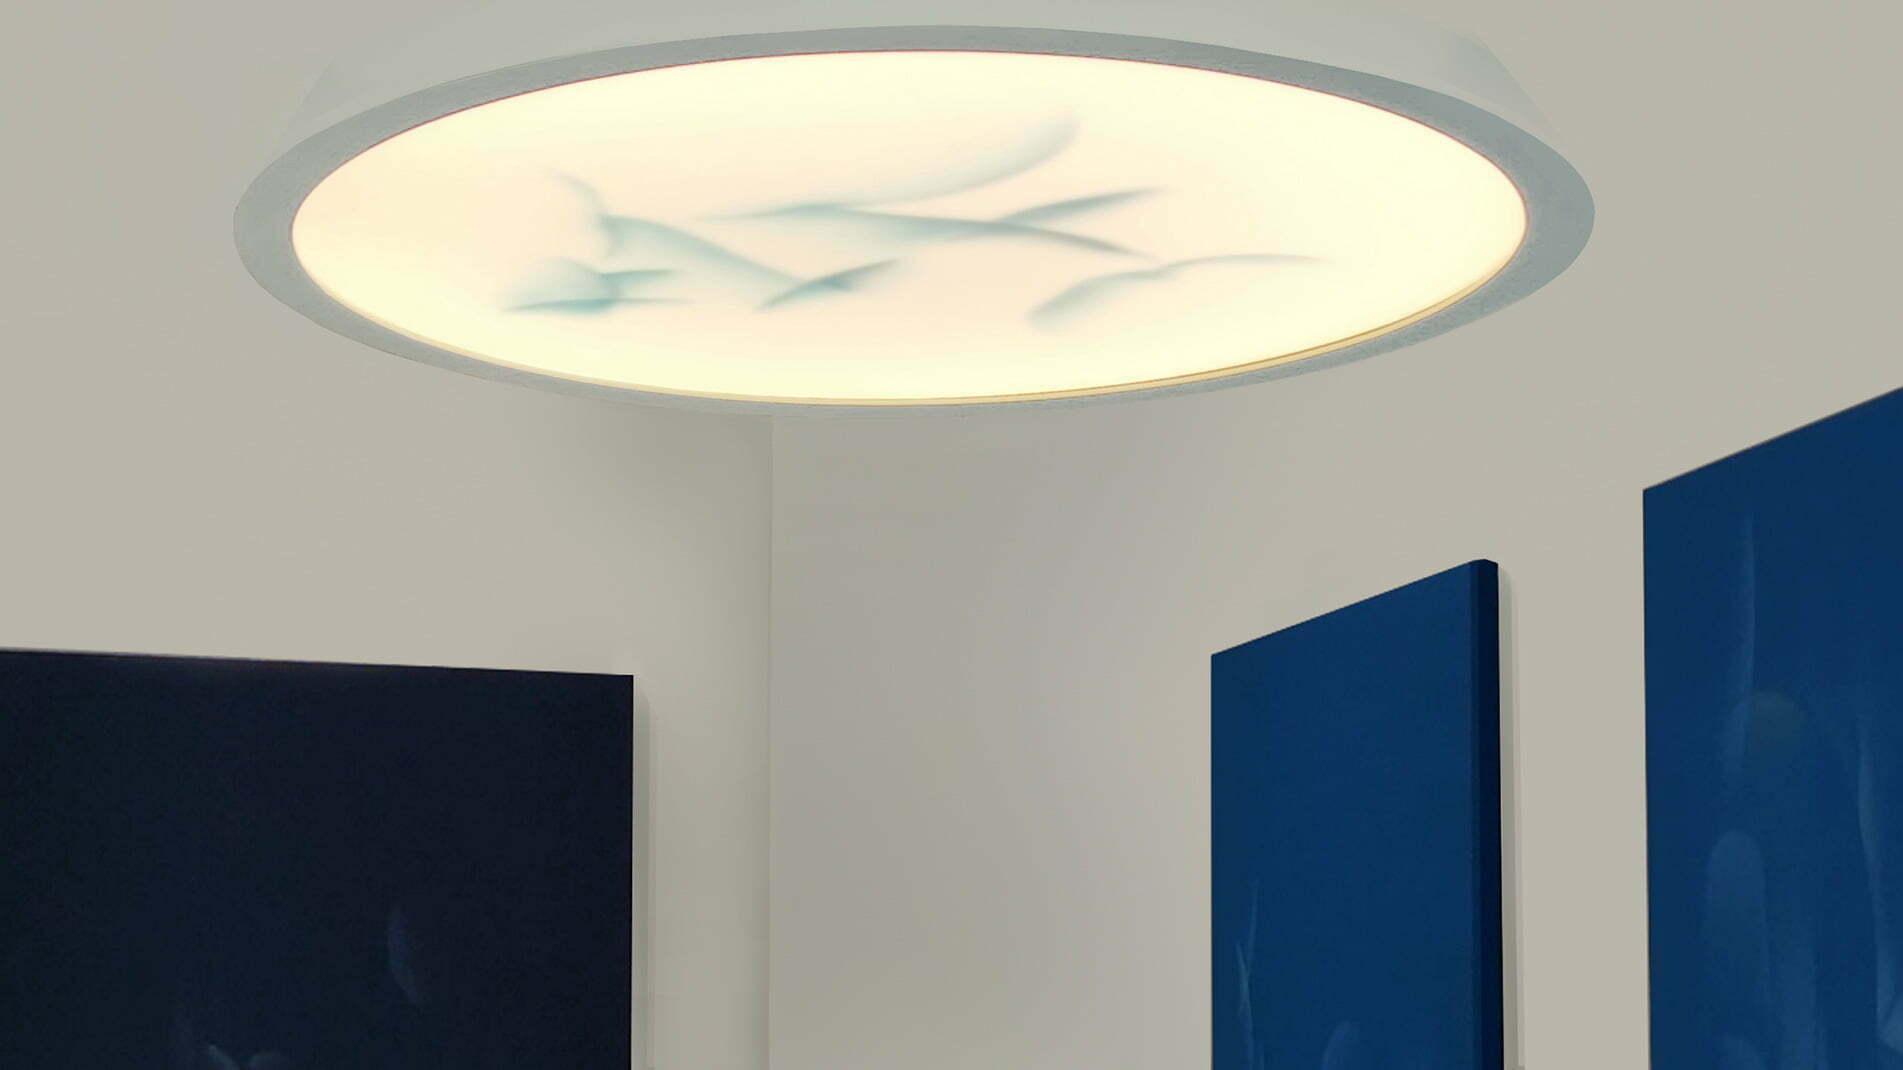 Création lumineuse de Guillaume Bottazzi. Installation présentée lors de son exposition à la galerie Itsutsuji à Tokyo en 2019